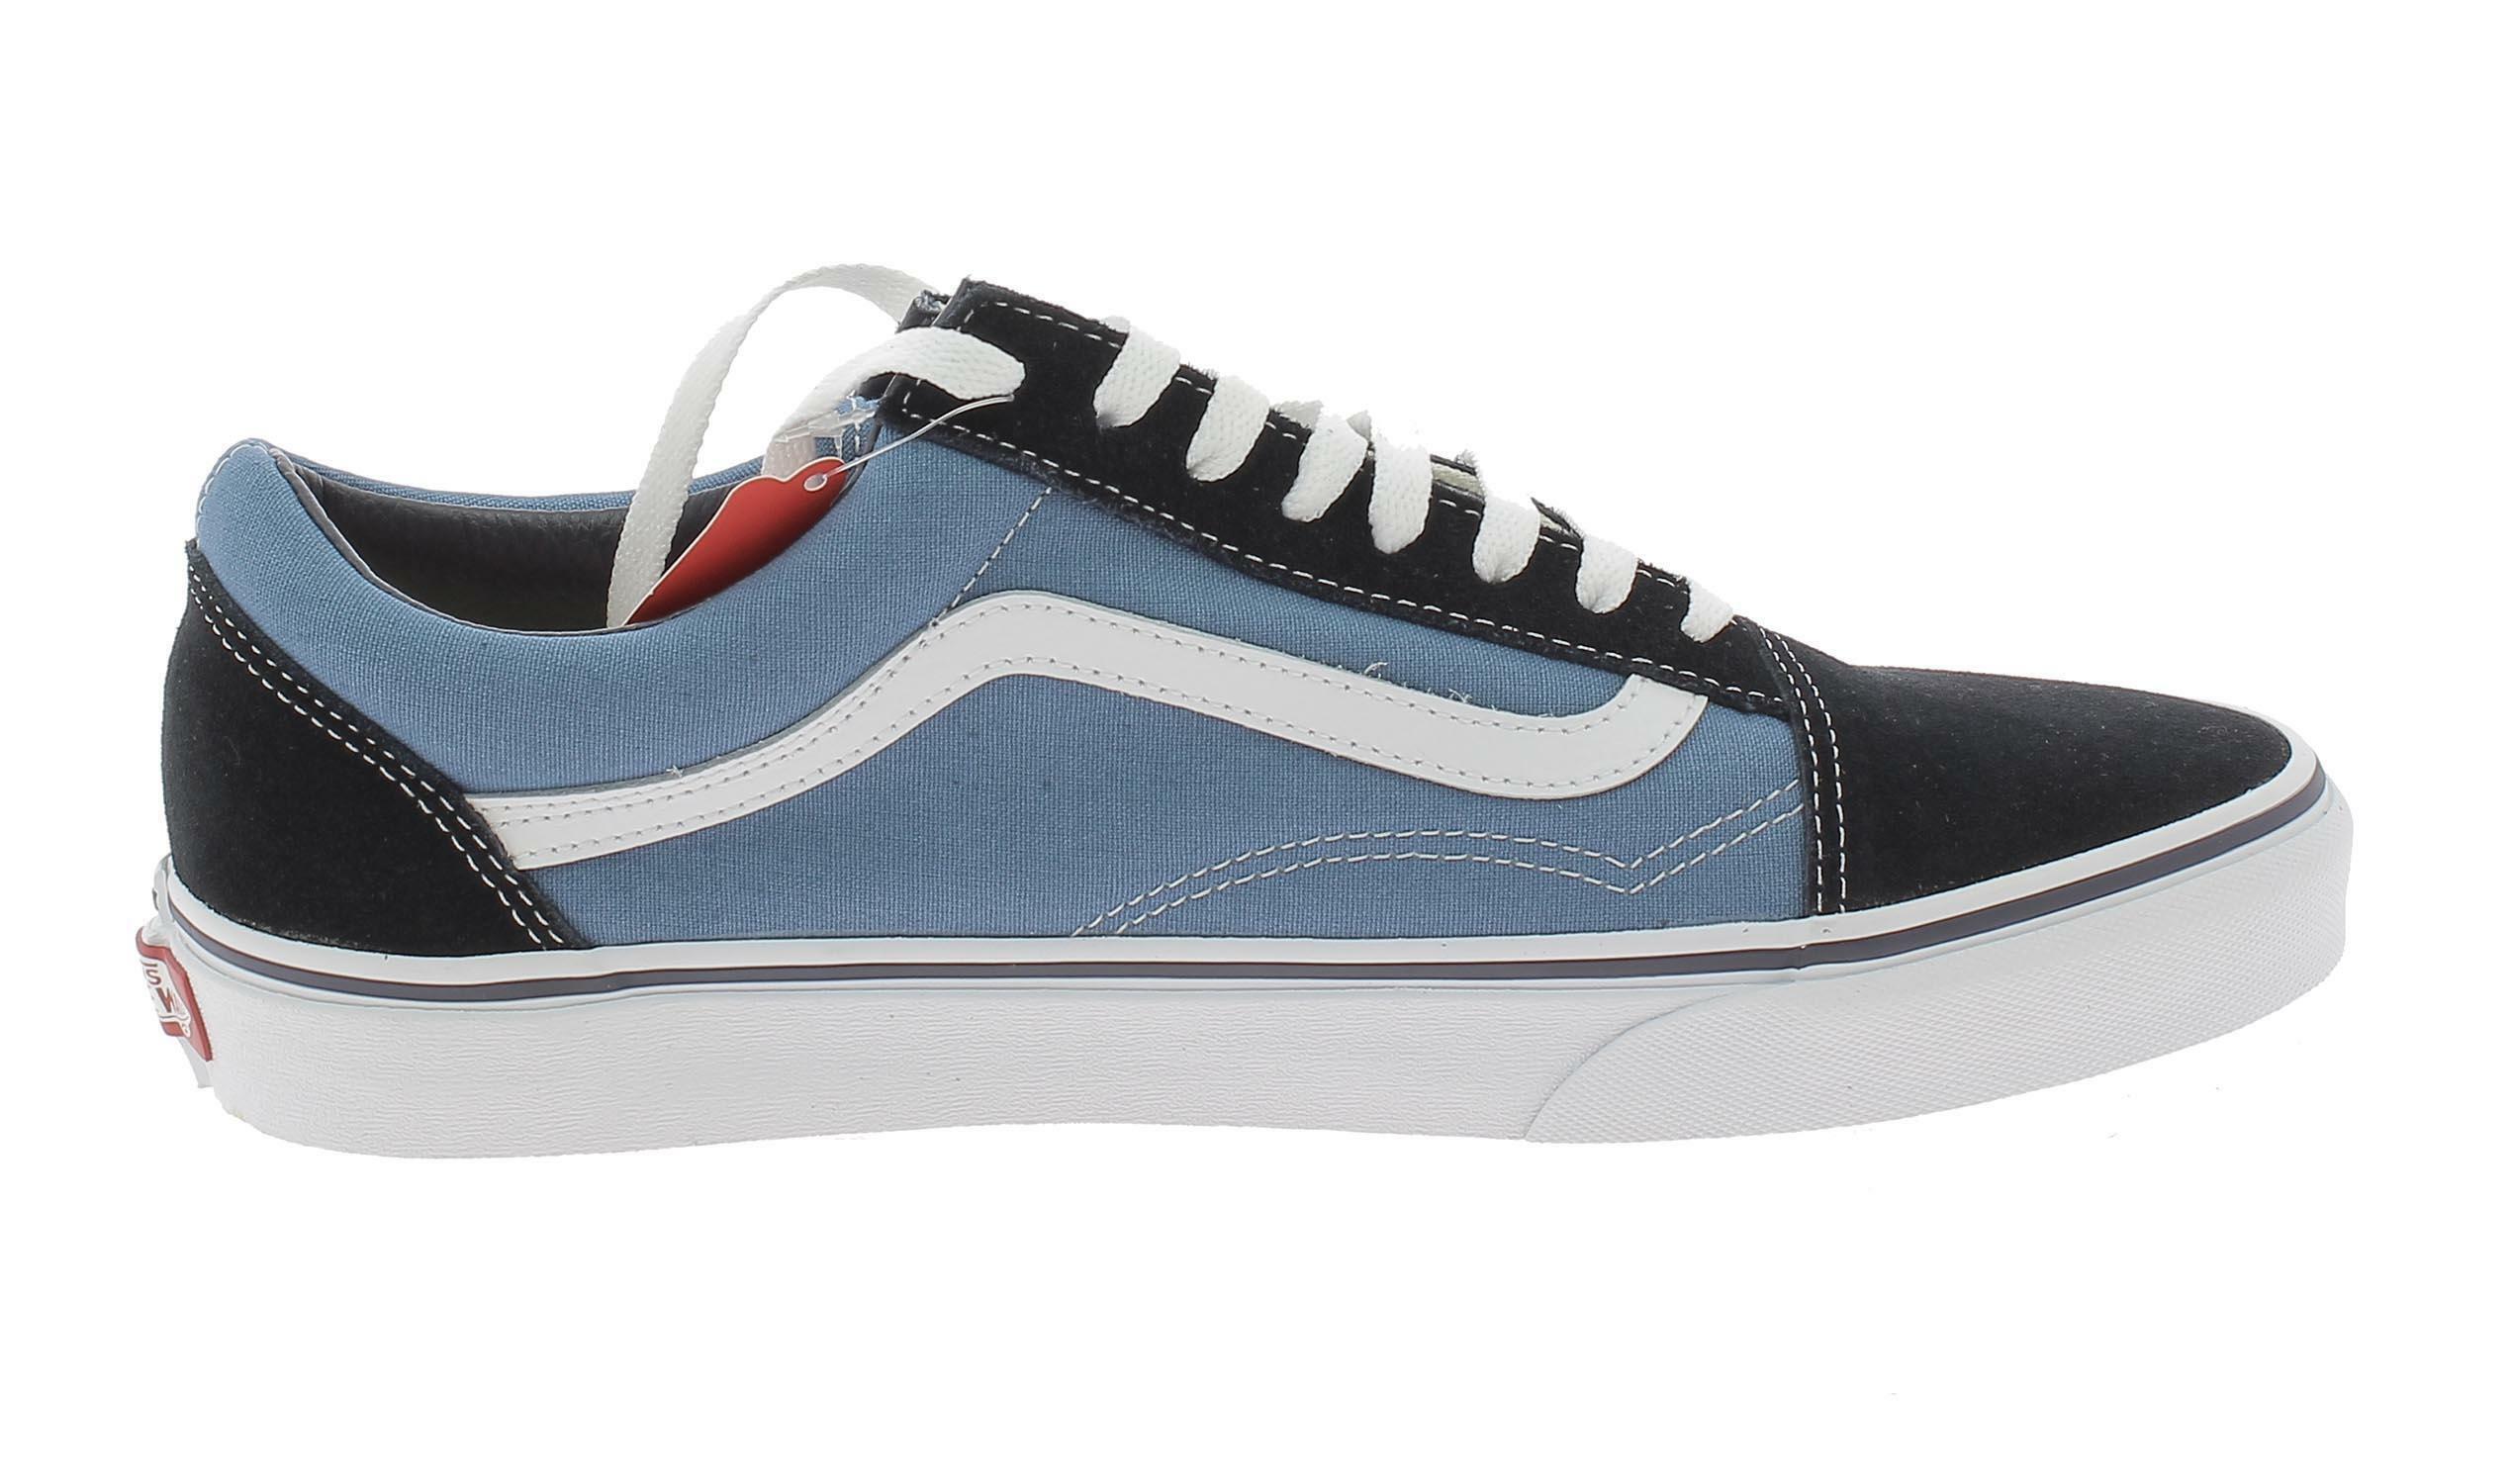 Vans scarpe sportive vans old skool vn000d3hnvy uomo blu